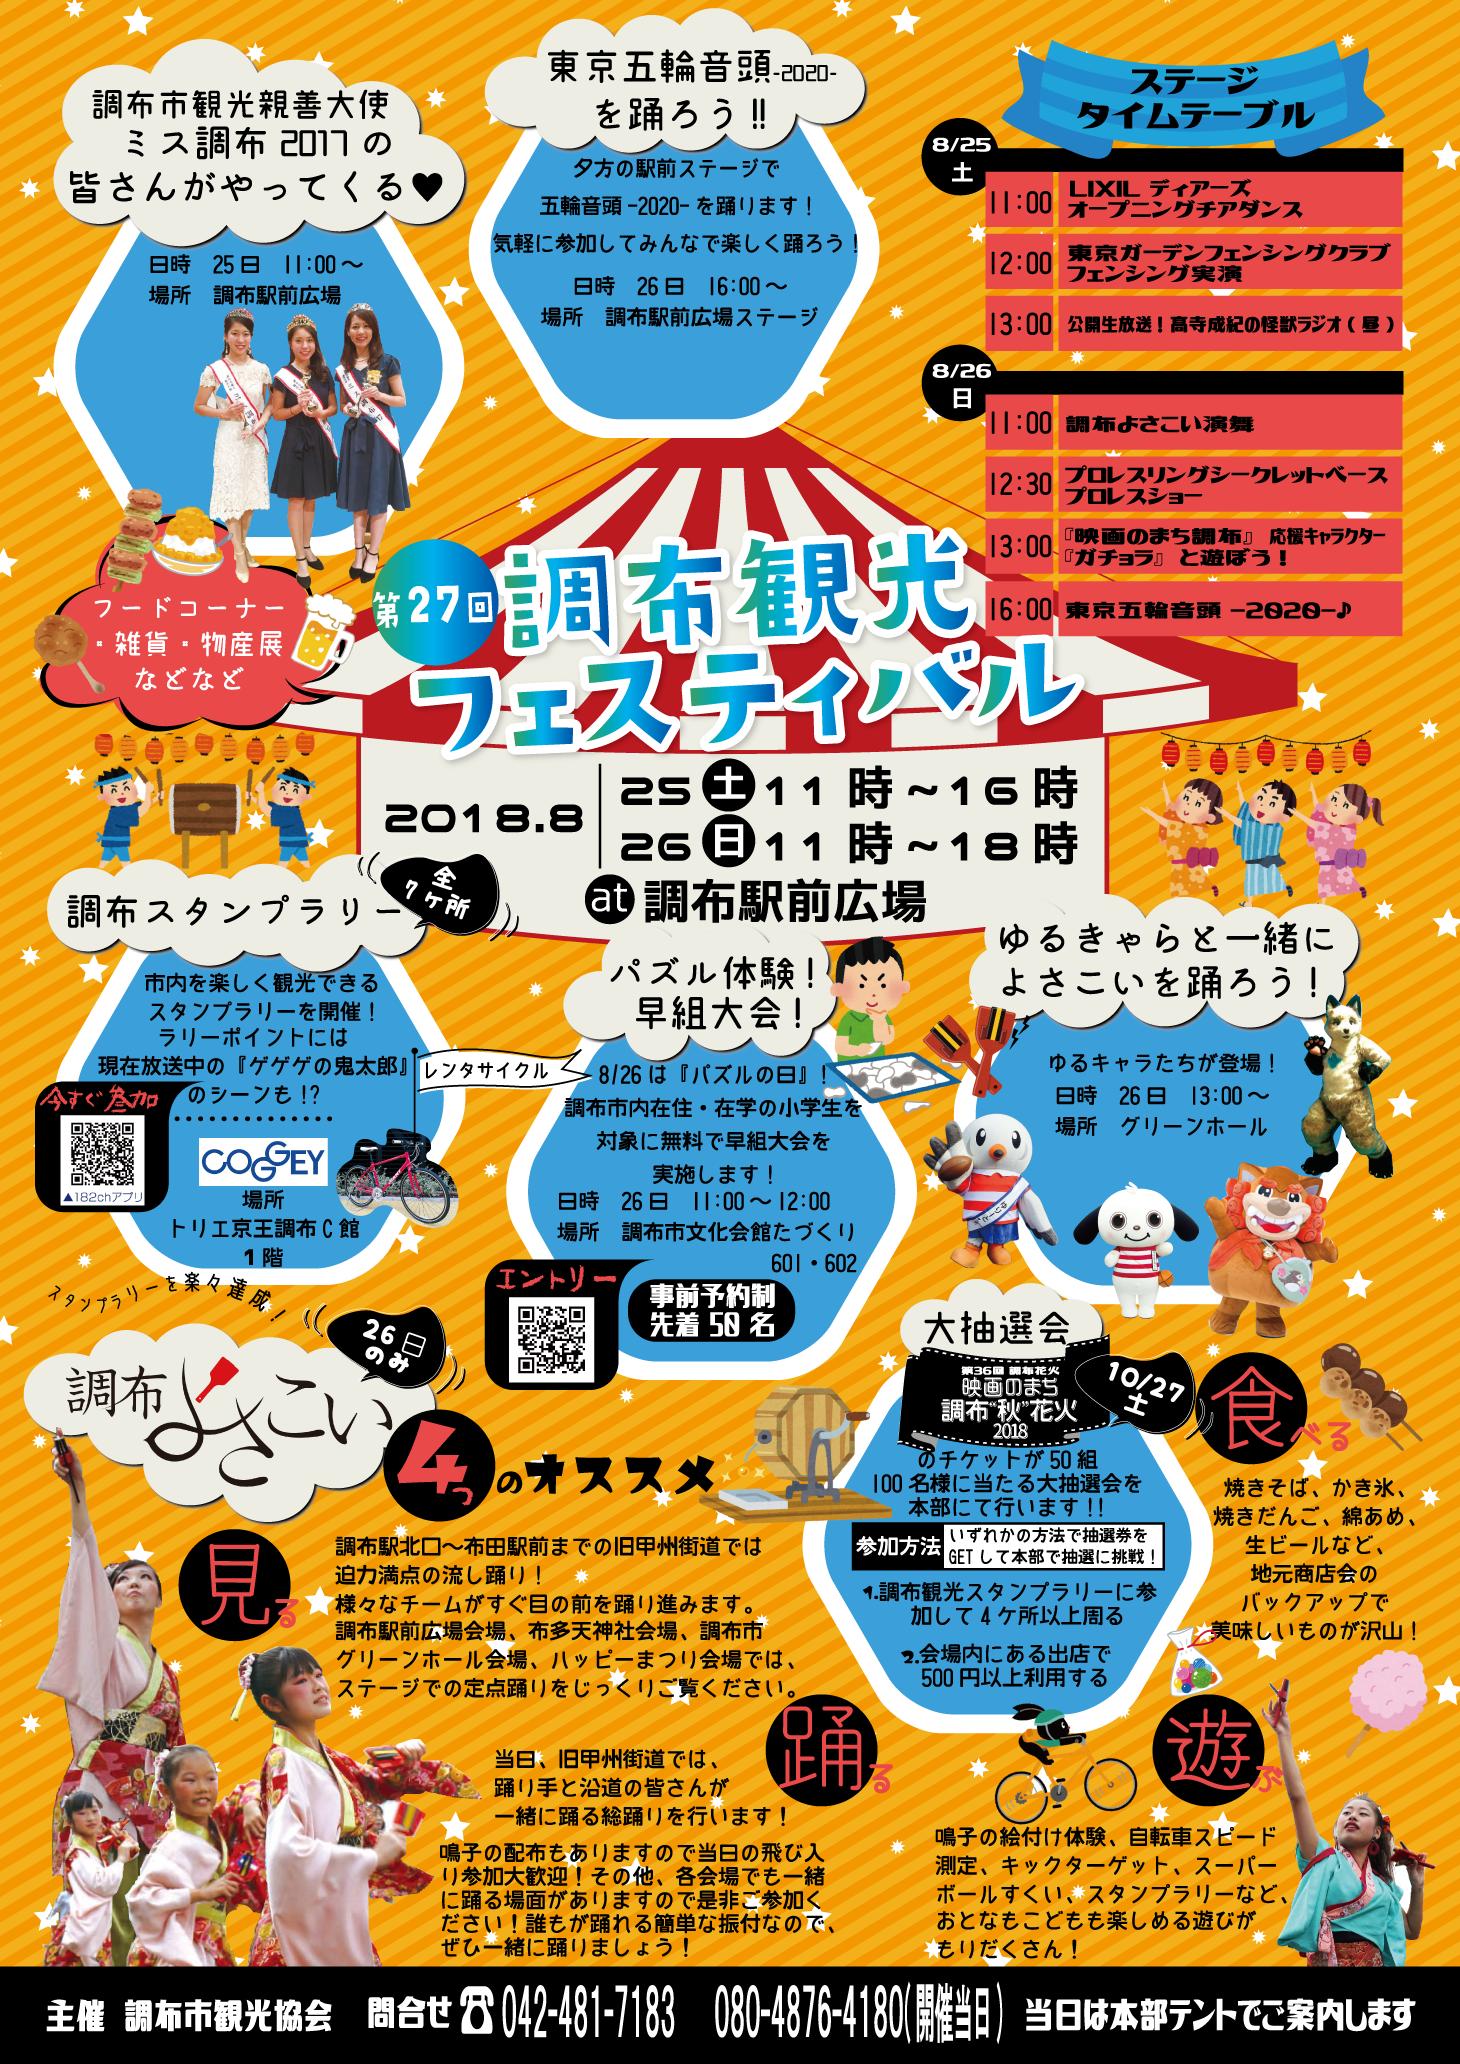 8月25日&26日は調布観光フェスティバル!!